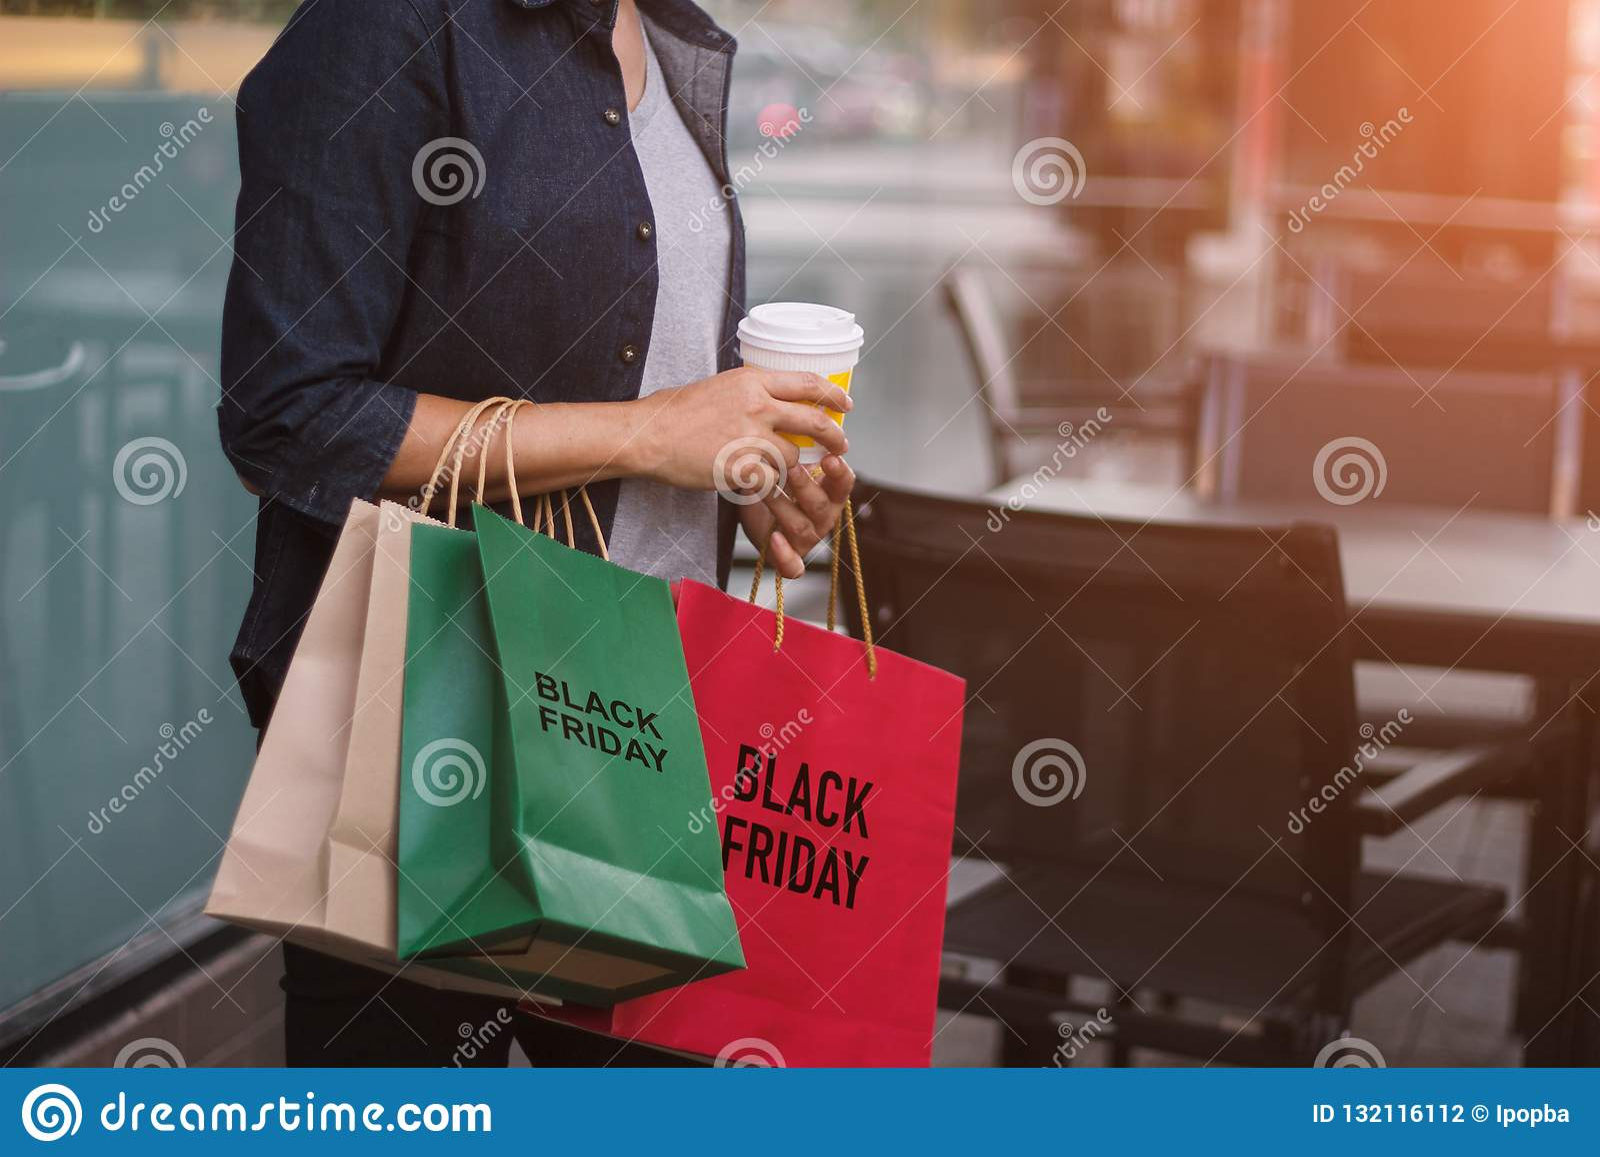 Black Friday, femme avec la tasse de café tenant des sacs à provisions